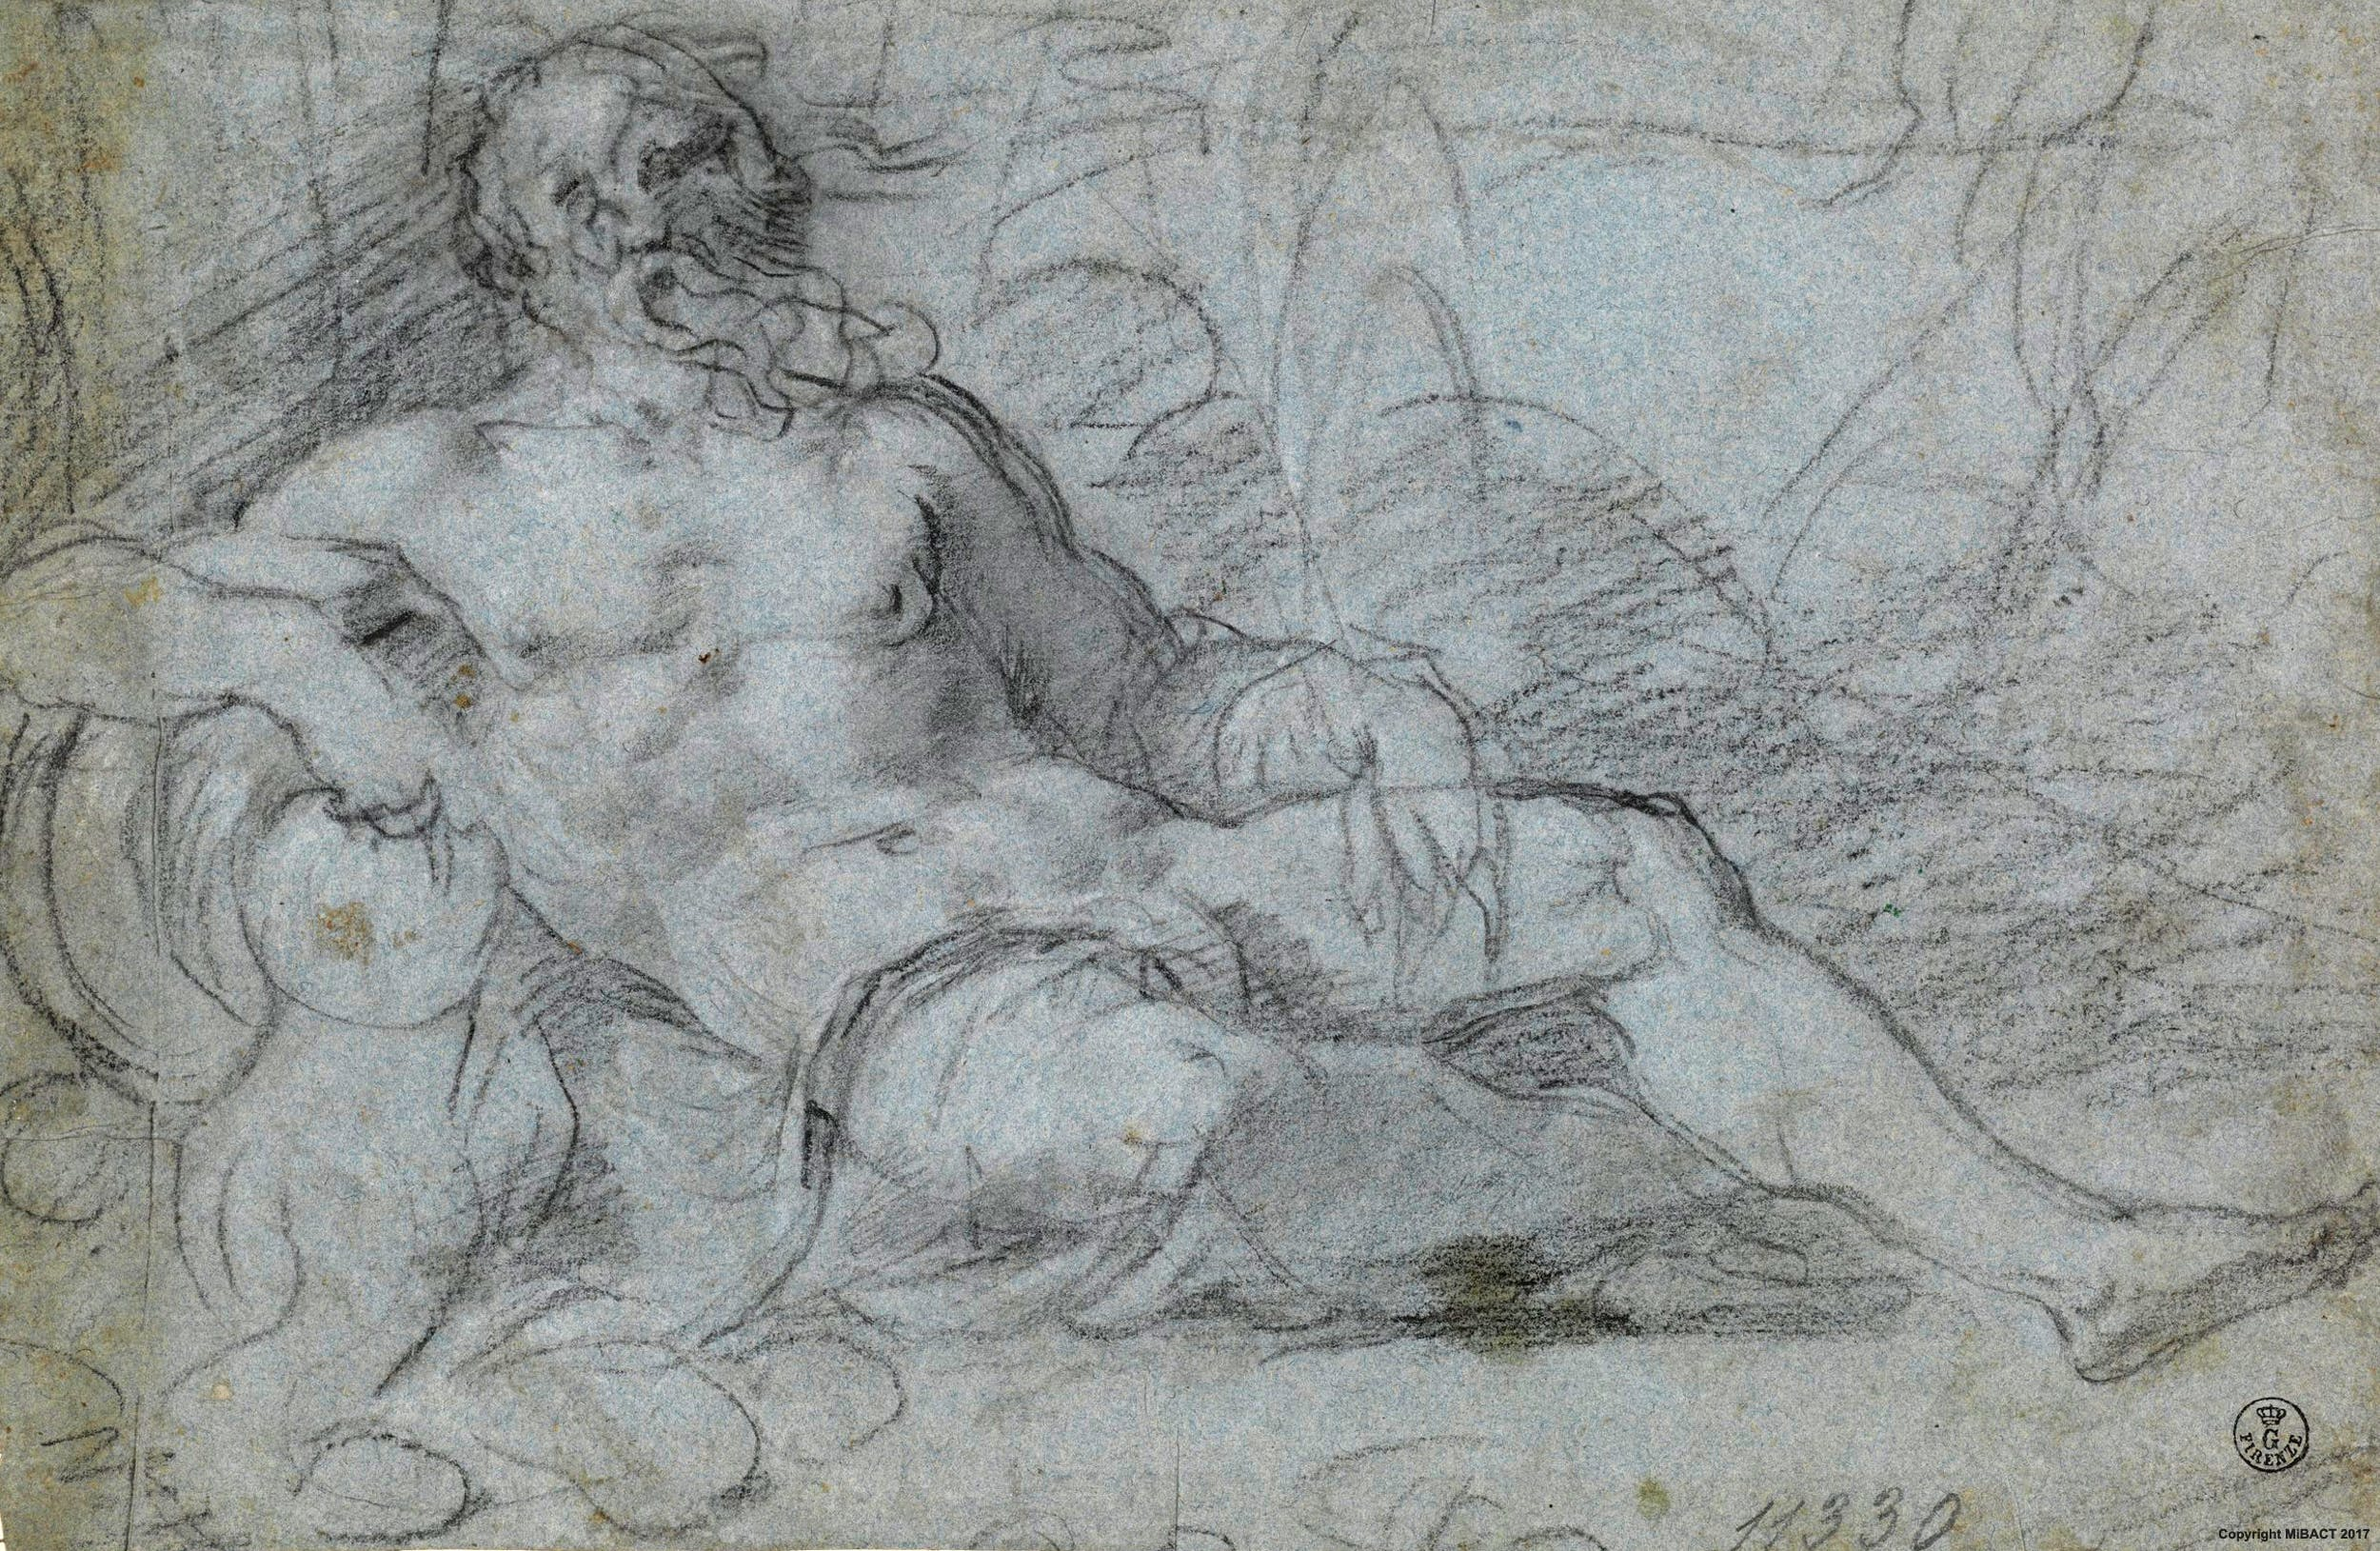 Pietra nera, carboncino, tracce di gessetto bianco, carta cerulea (179 x 272 mm) - Inv. 11330 F